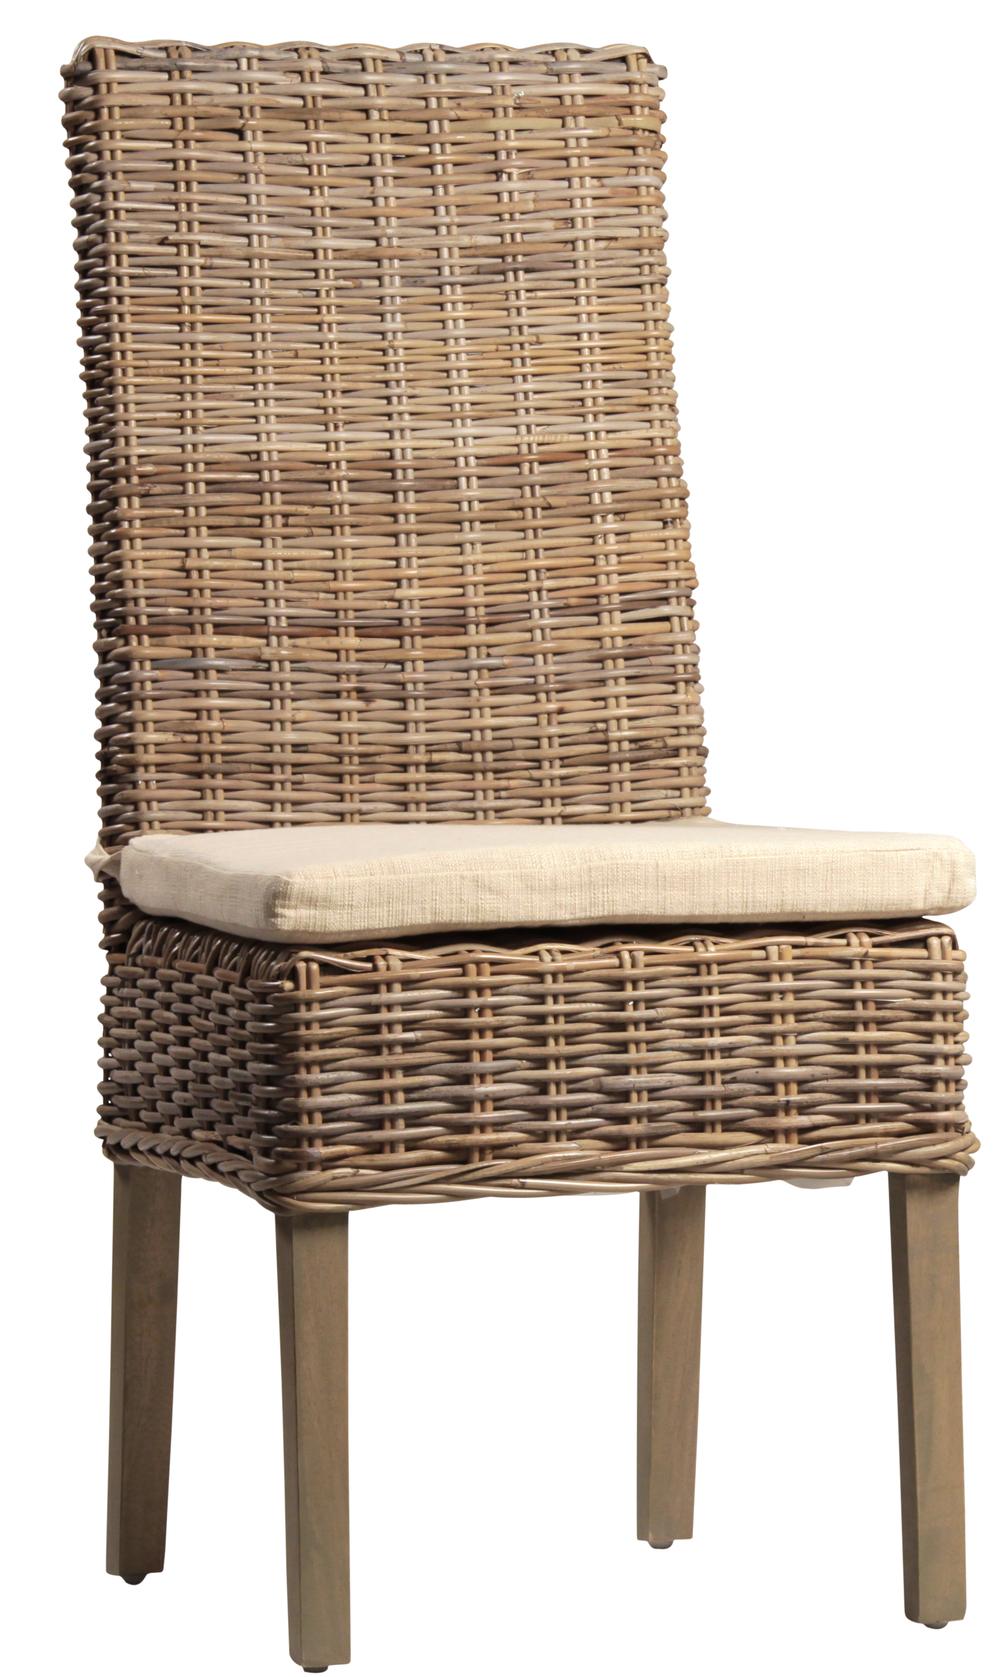 Dovetail Furniture - Kubu Dining Chair